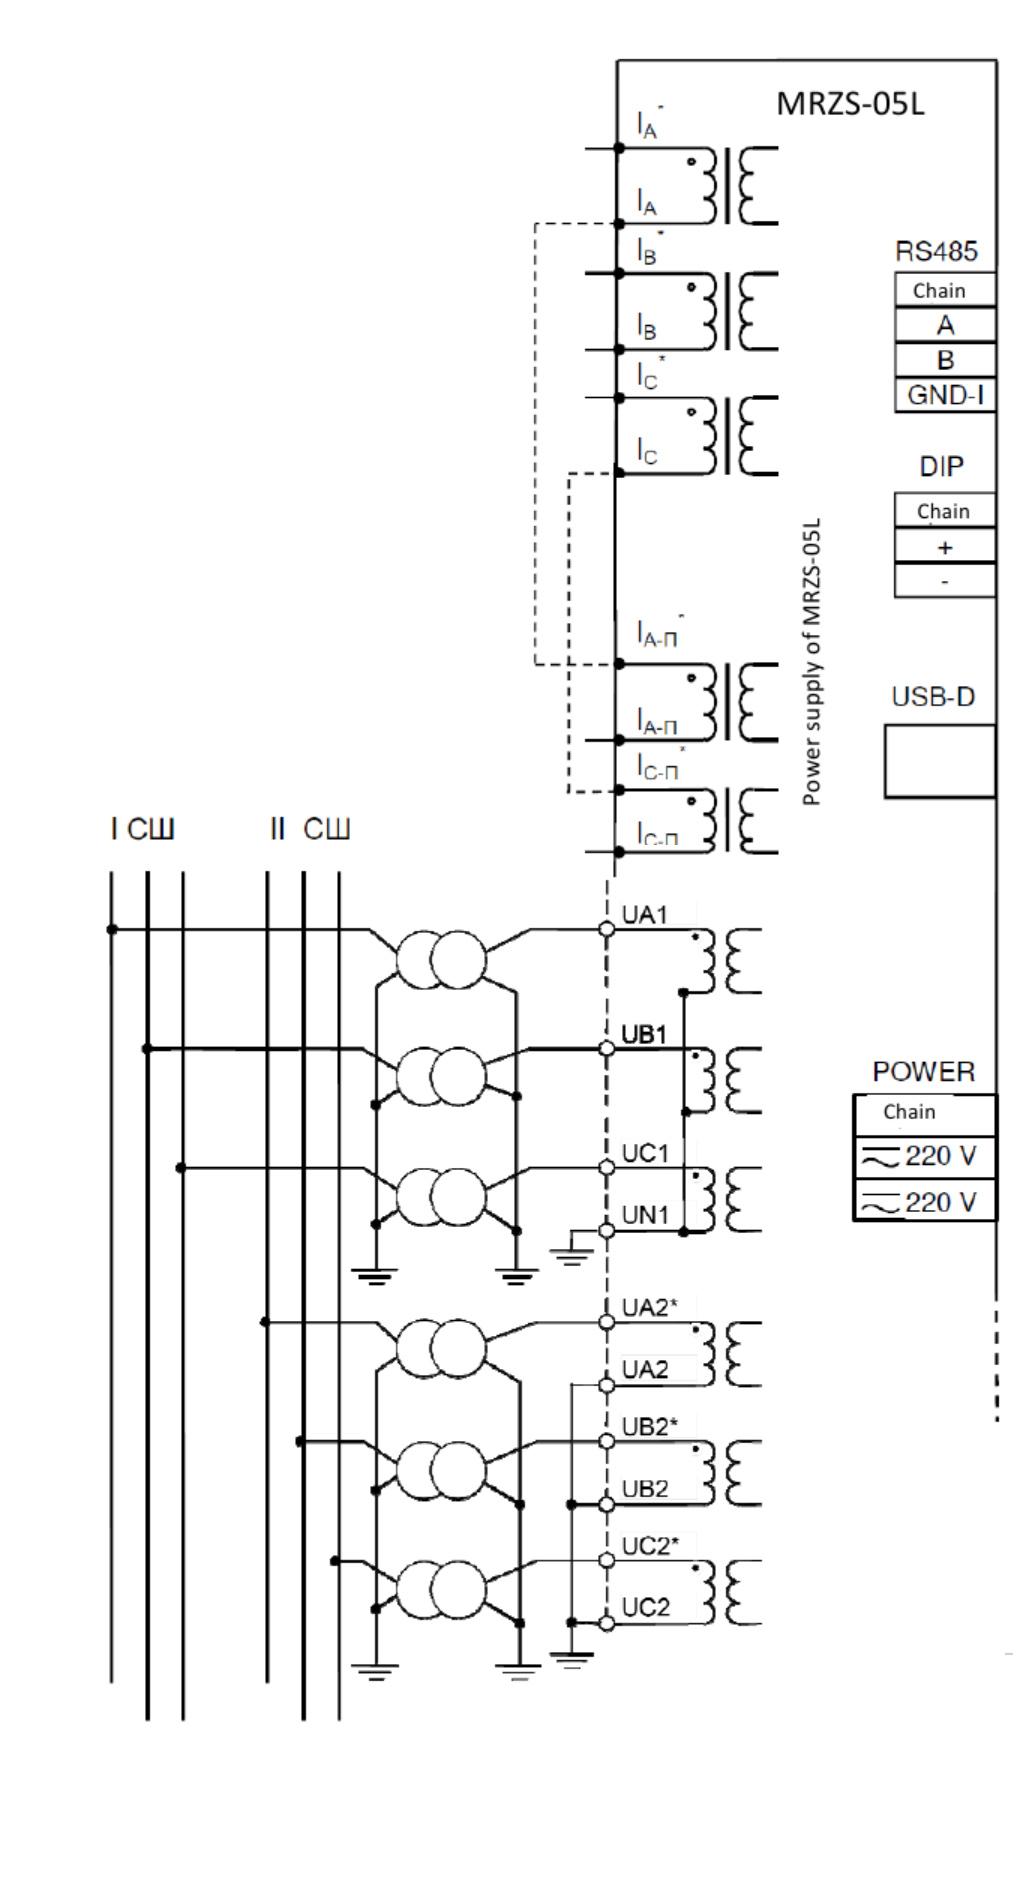 Connection diagram MRZS-05L AIAR.466452.001-12.2 (-32.2) str.1